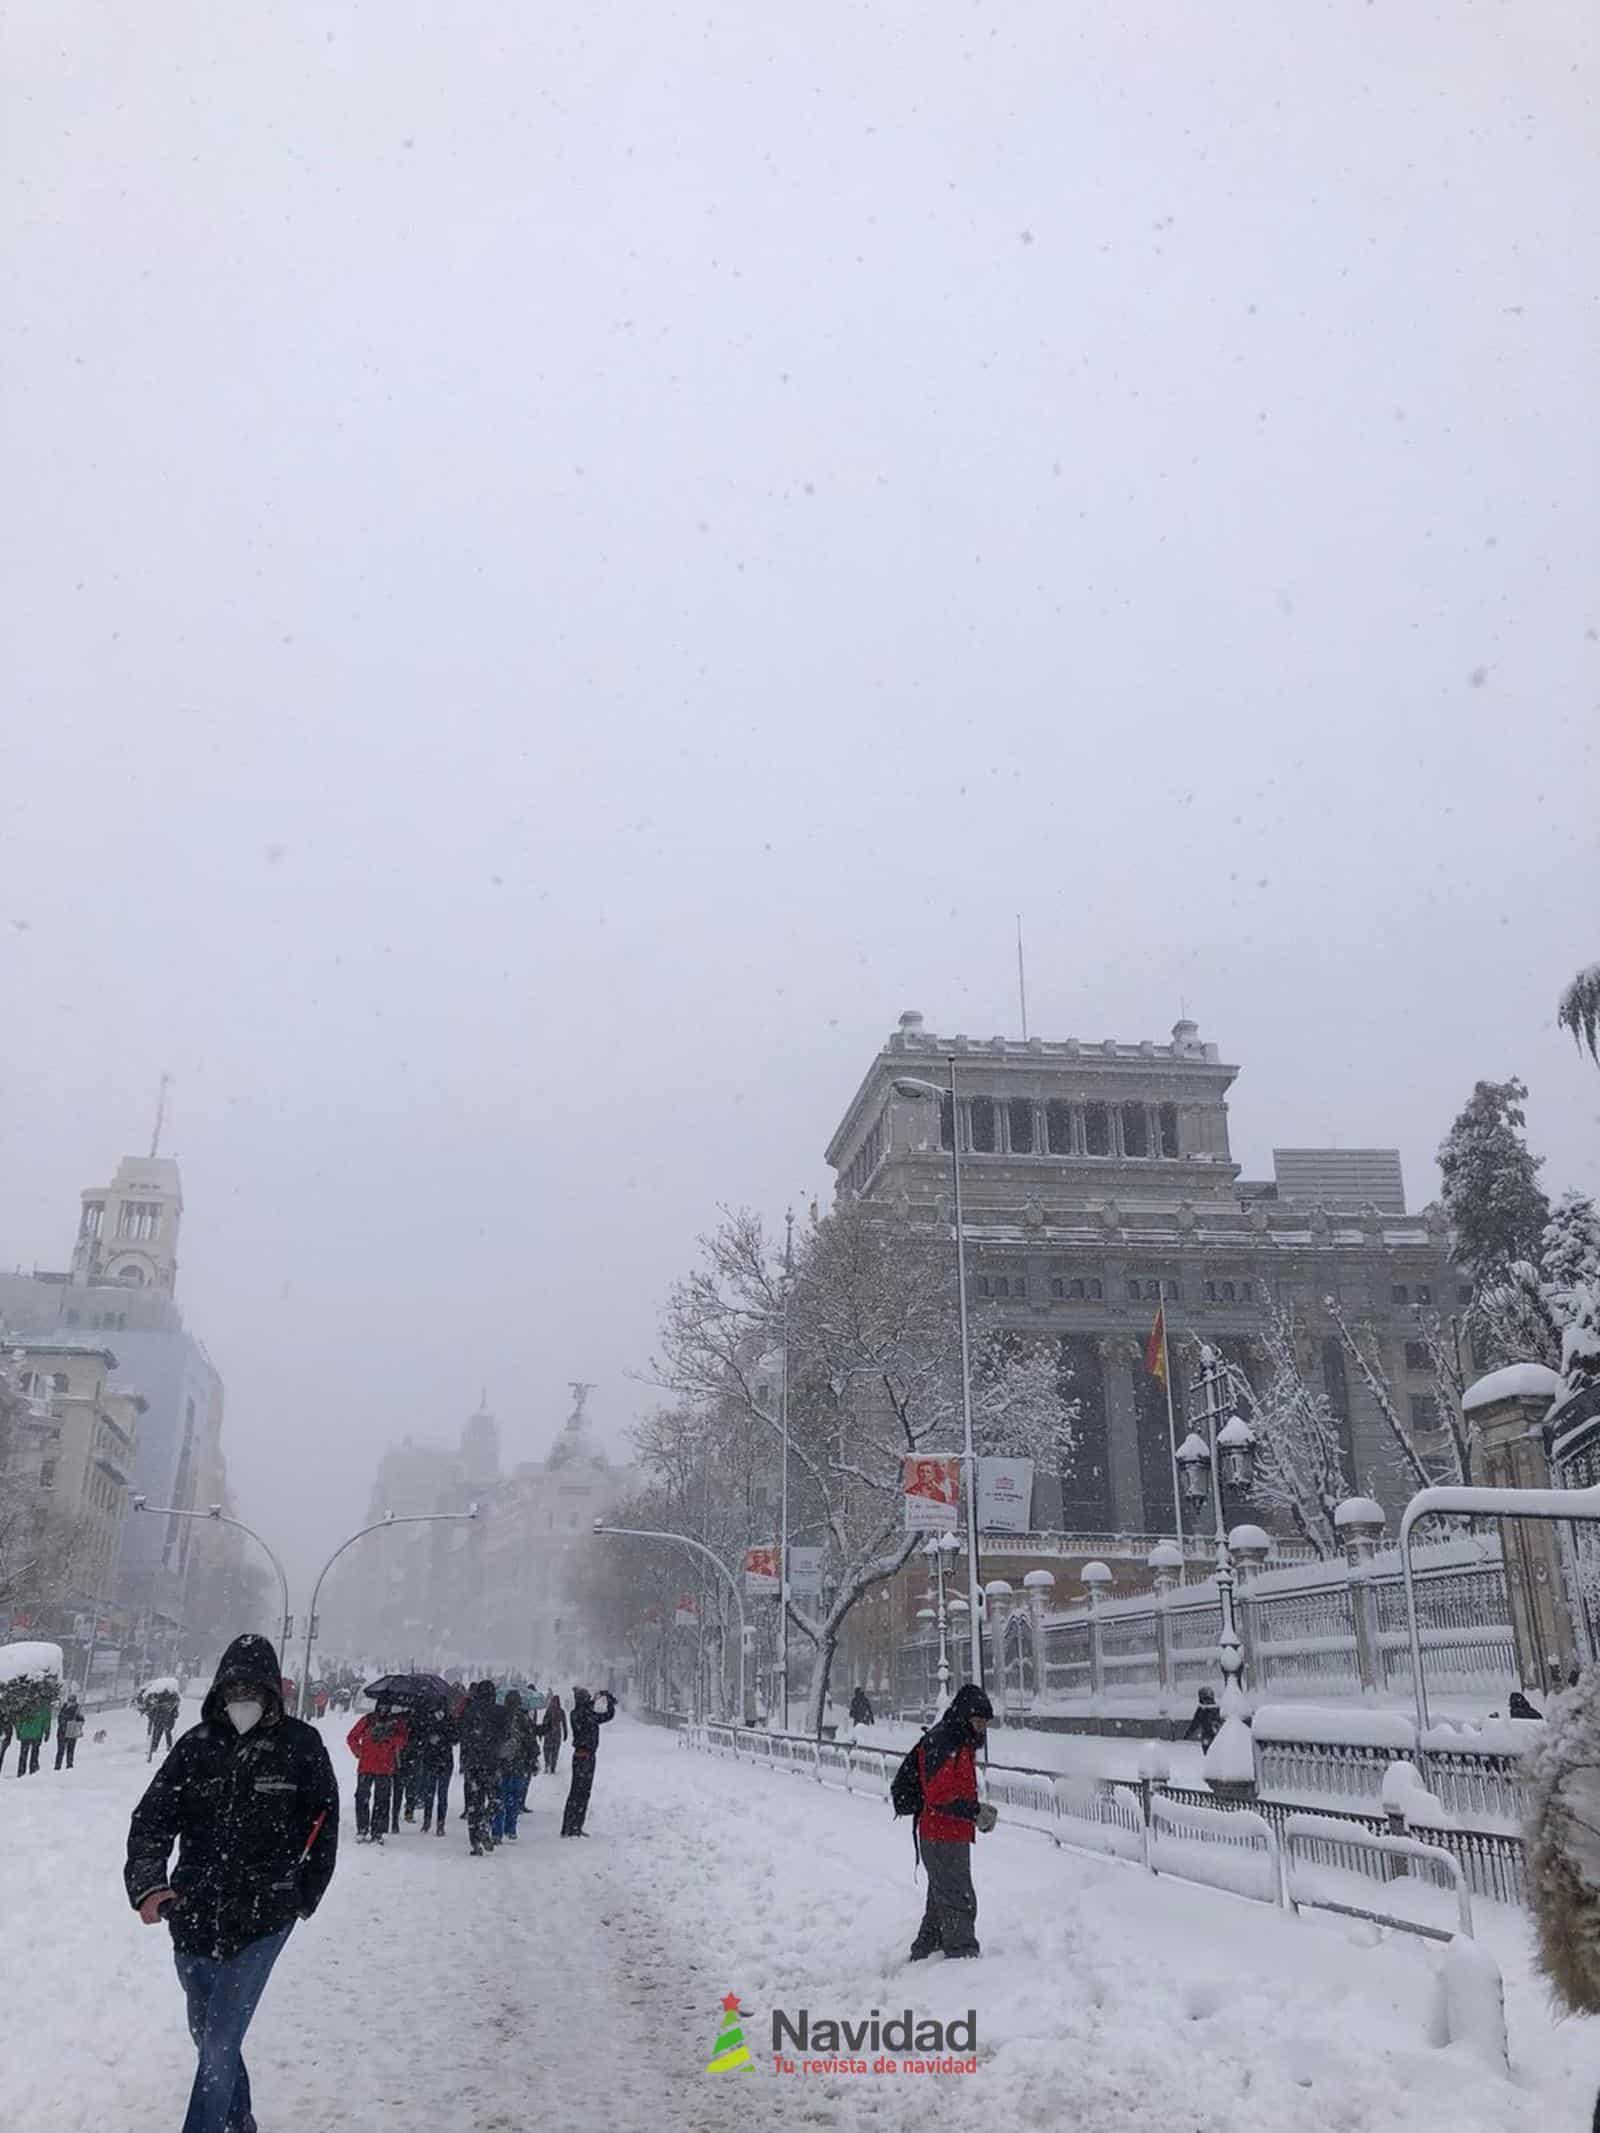 Fotografías de la nevada de enero en Madrid (España) 83